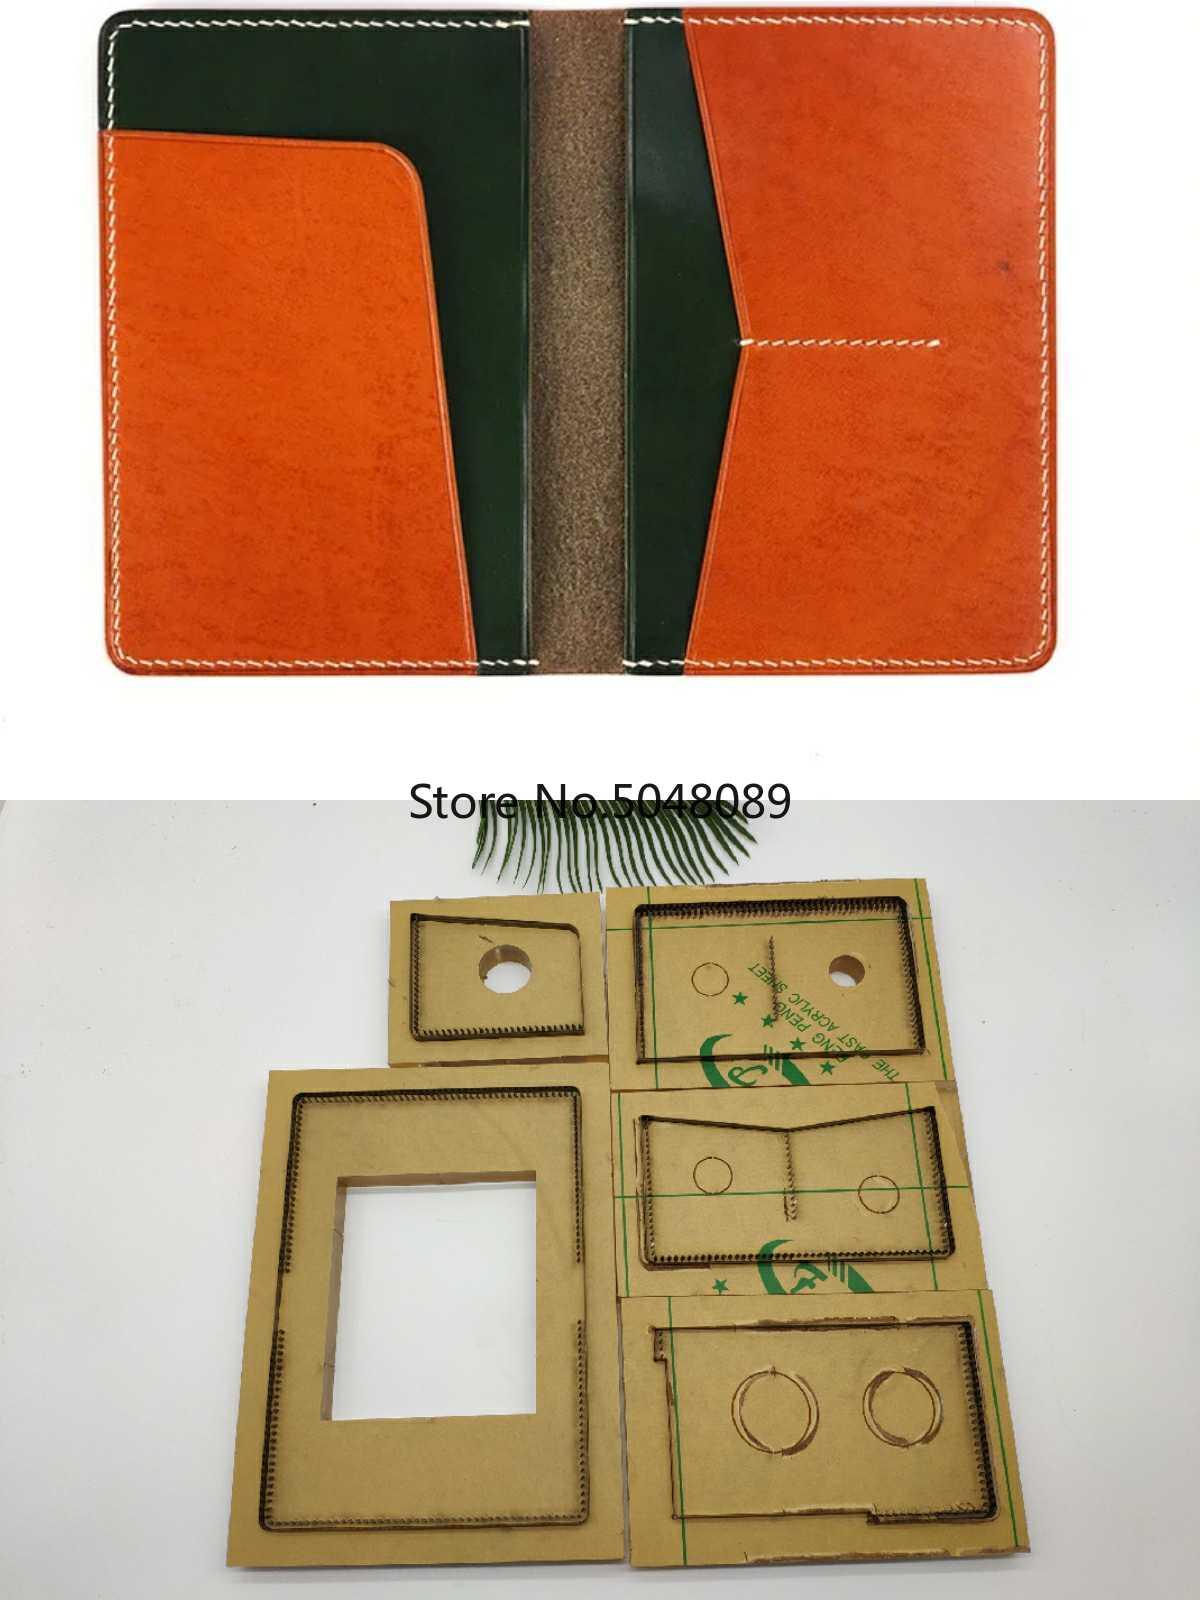 Japon acier lame règle métal Die Cutter poinçon outil passeport sac coupe moule bois meurt modèle pour bricolage en cuir artisanat 105x140mm